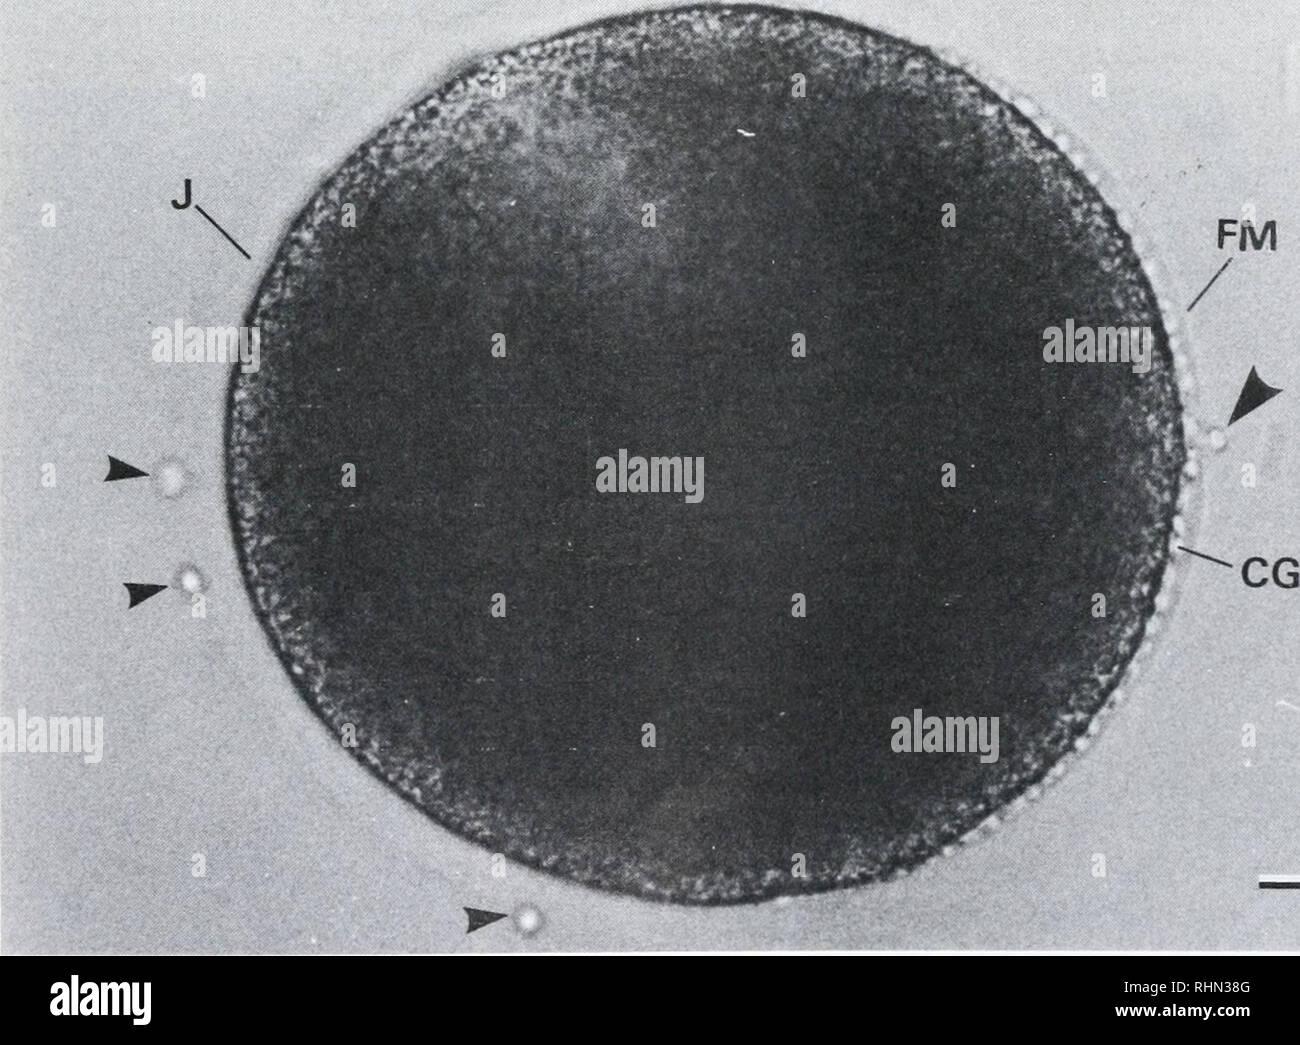 . Die biologische Bulletin. Biologie; Zoologie; Biologie; Meeresbiologie. u 1234 STUNDEN NACH DEM LAICHEN ABBILDUNG 3. Beziehung zwischen der Fähigkeit des Eies normal entwickeln und zum Zeitpunkt der Besamung nach der Laichzeit bei 23 °C beträgt. Messung wurde drei Mal gemacht und etwa 100 Eier waren bei jeder Messung untersucht. Mittelwert ± Standardabweichung. FM*, Düngung Membran; HL**, Hyaline Layer. Zelllinie. Aufeinanderfolgende Divisionen treten bei ca. 40-min-Abständen, produziert eine sphärische Blastula mit einer schmalen blastocoel (Abb. 21). Die Embryonen, die Luke im Blastula-stadium. In der Regel schwimmen bl Stockbild